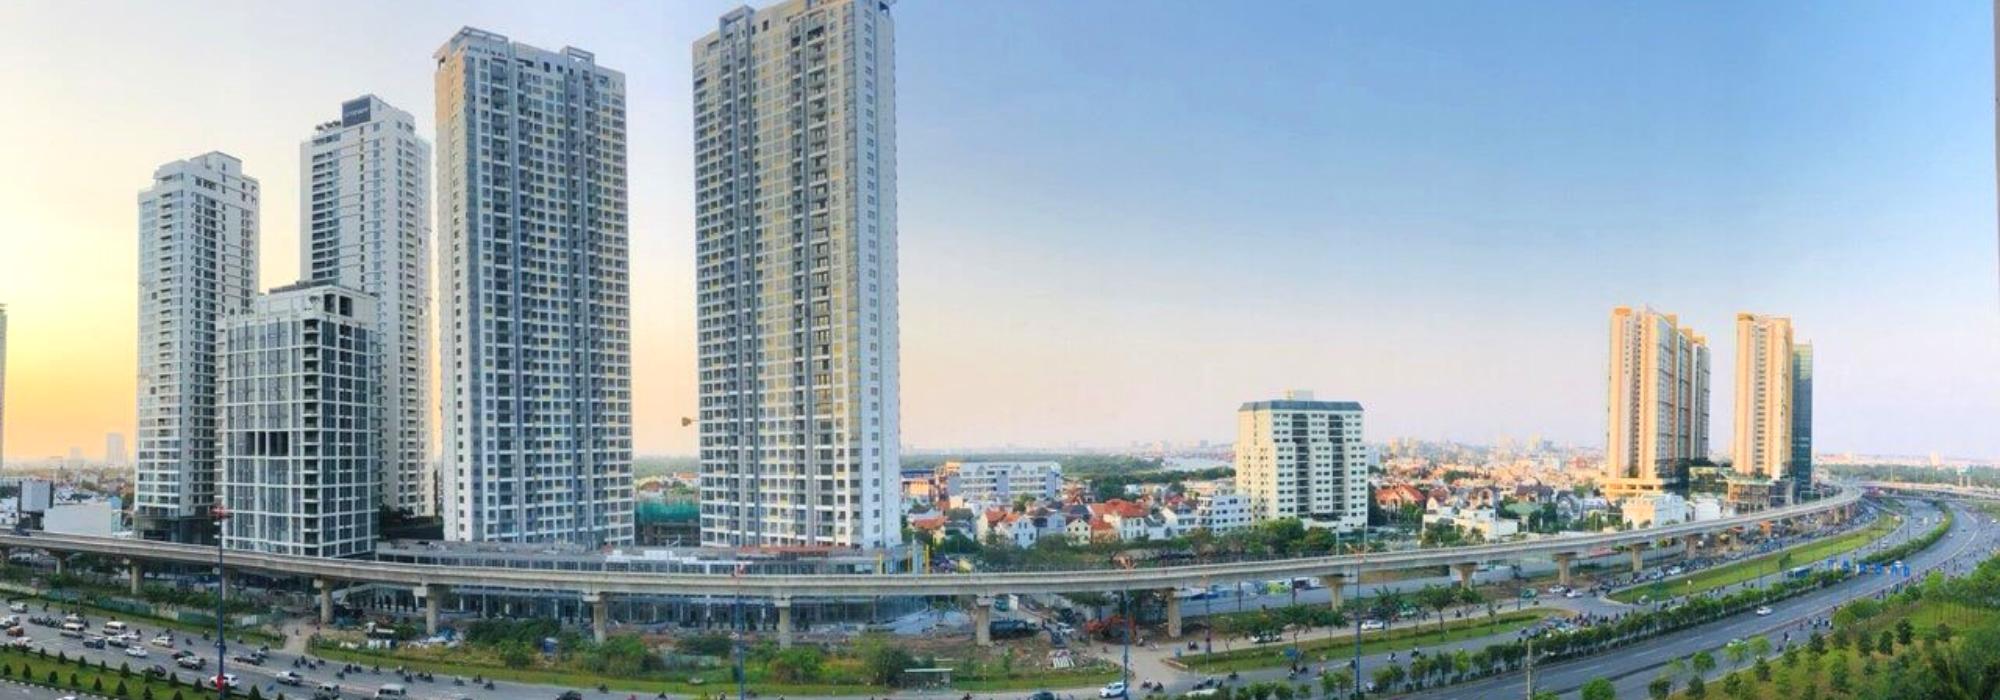 Cho thuê căn hộ một phòng ngủ Estella Height – tầng cao và nội thất cao cấp